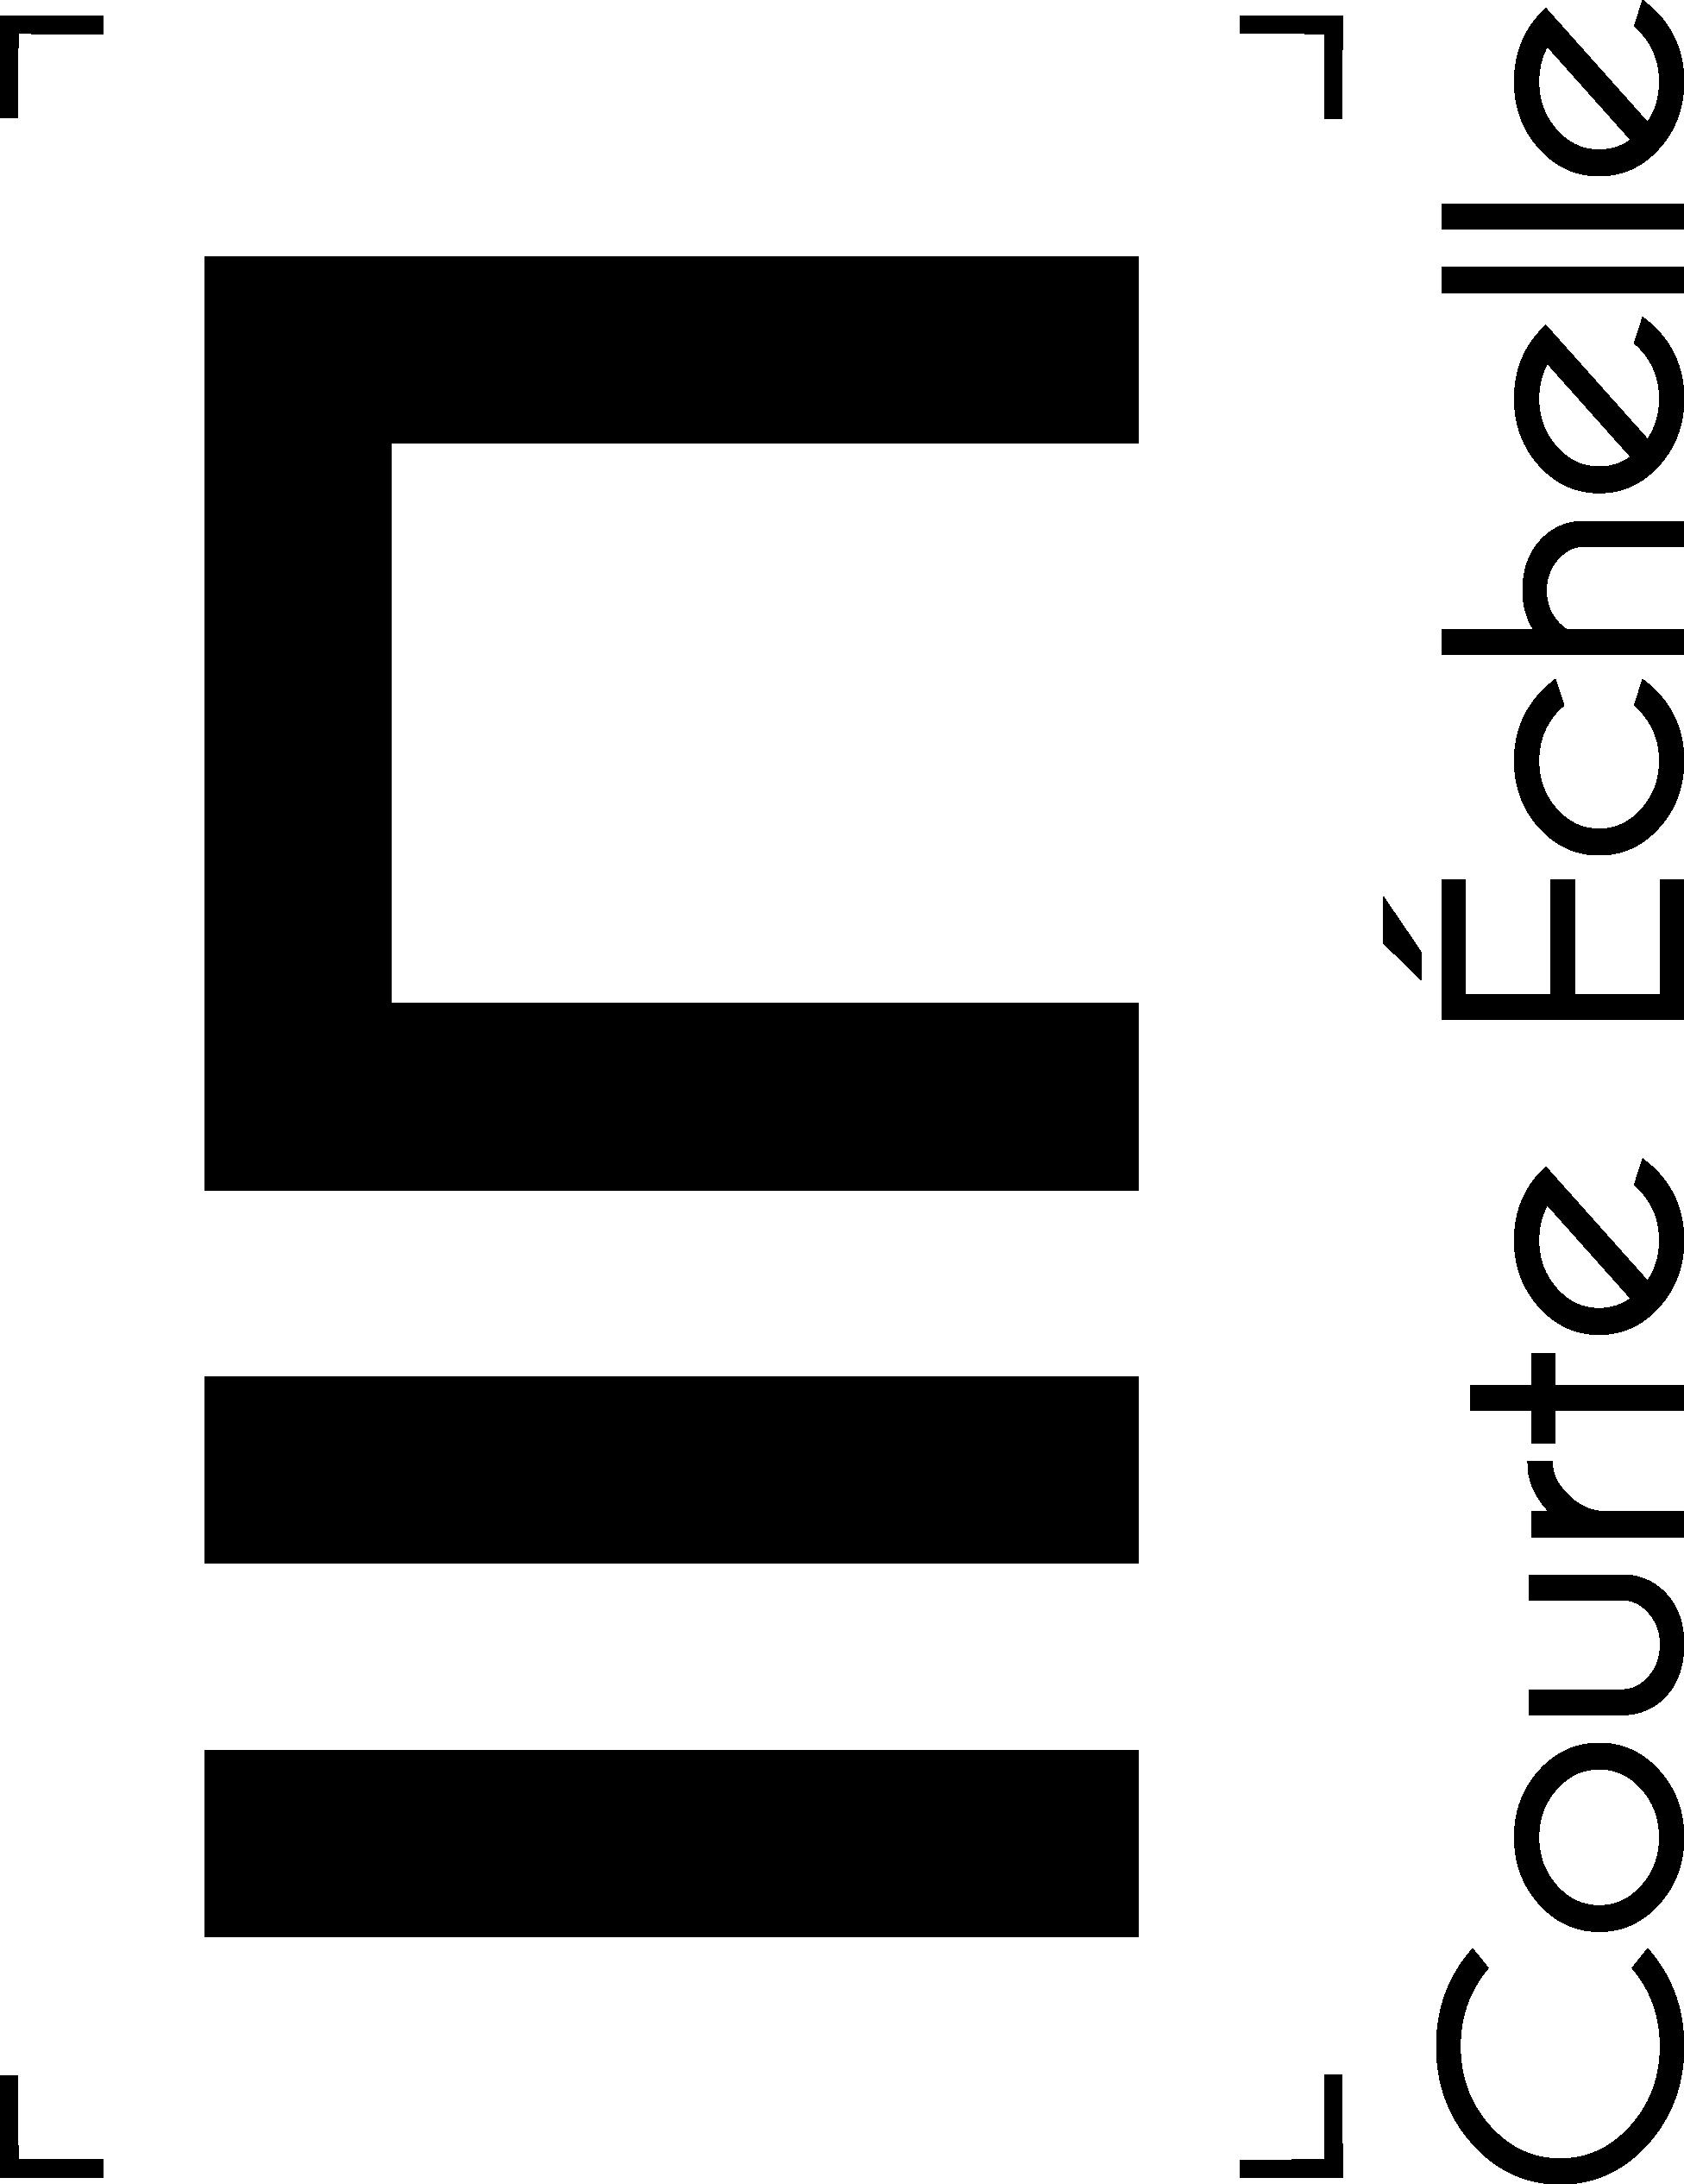 courte echelle